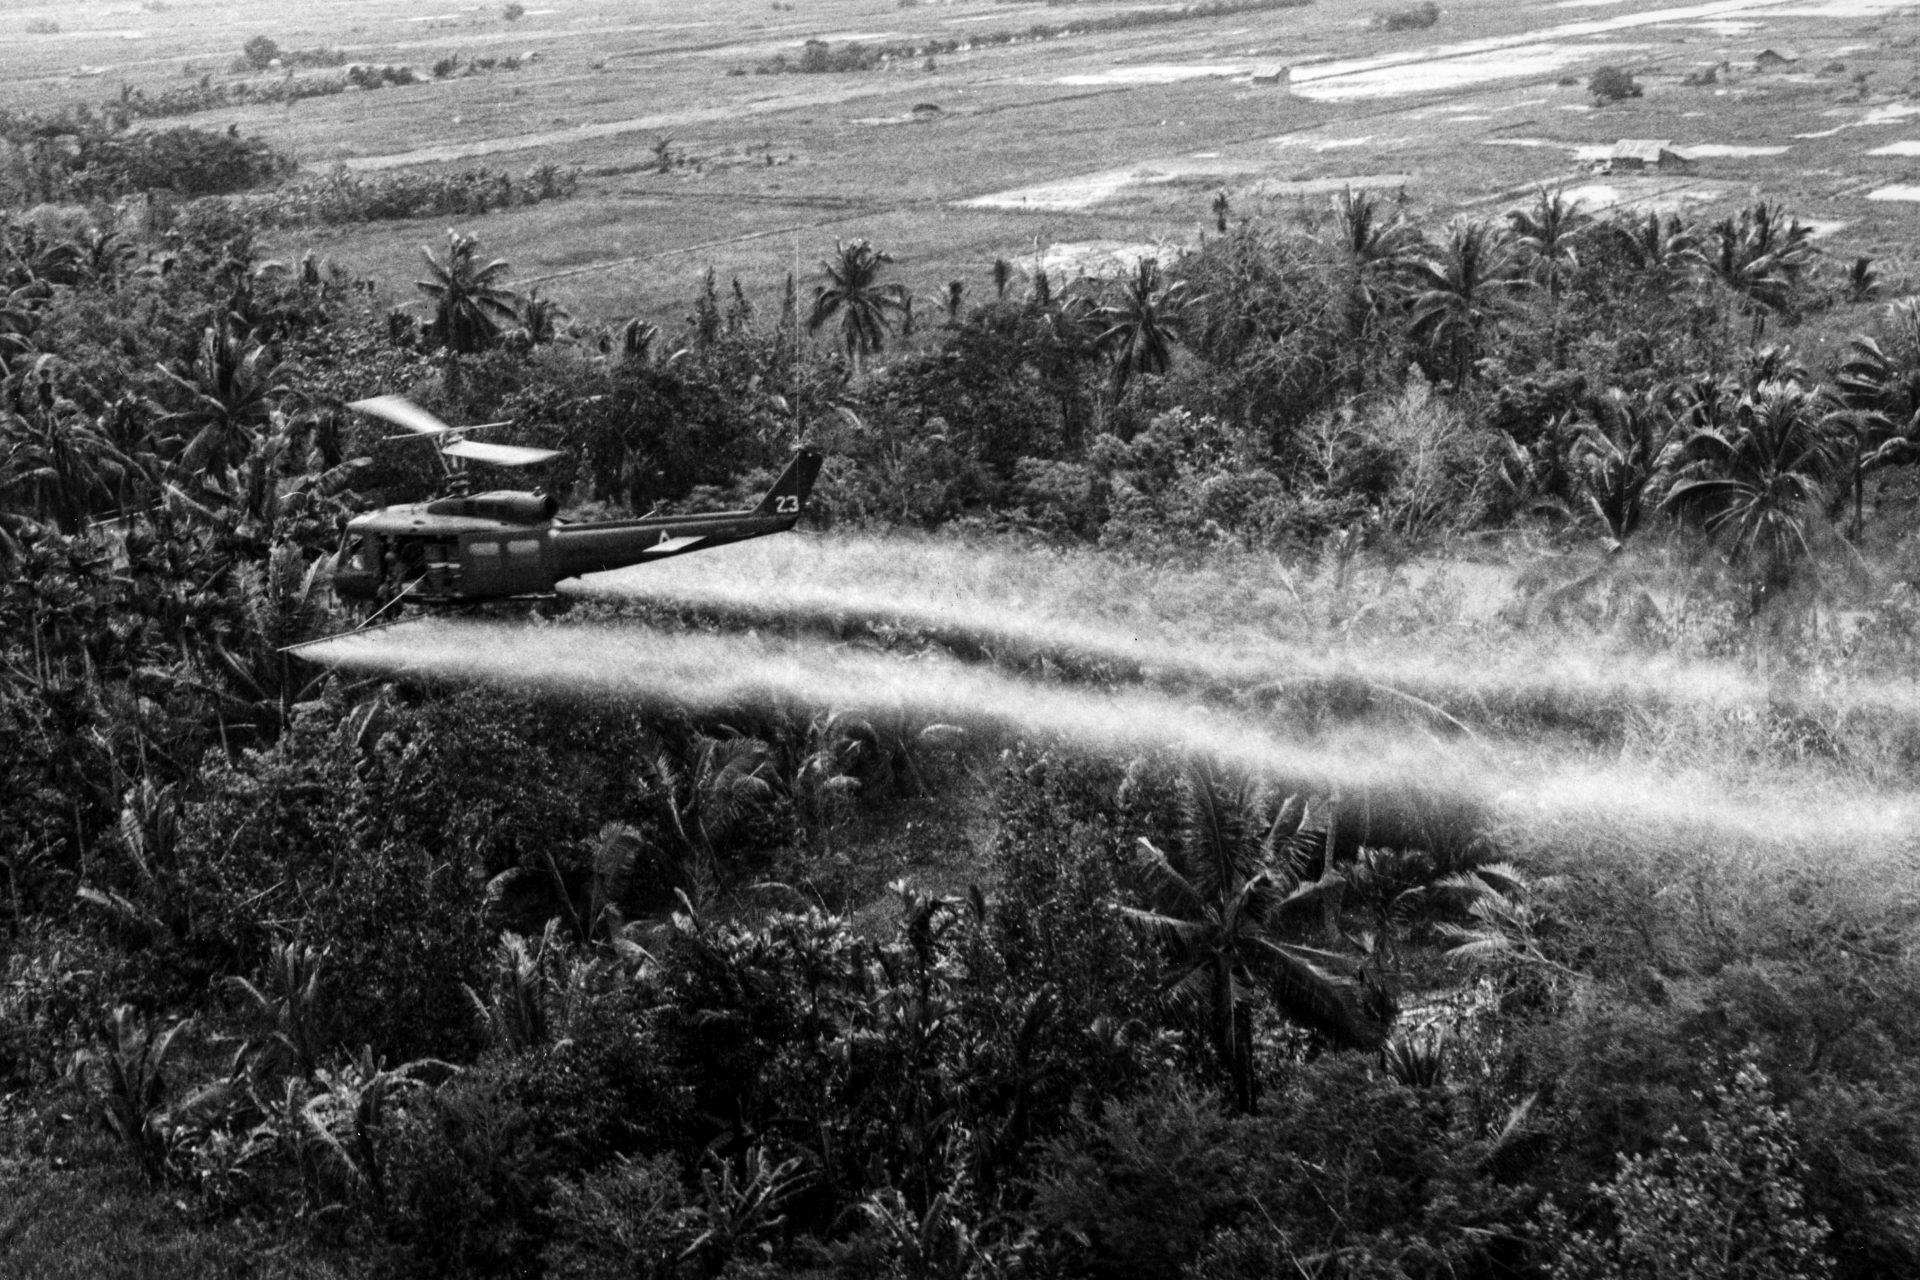 Ökozid anno Juli 1969: Ein Helikopter US-Army versprüht das Entlaubungsmittel Agent Orange über dem Mekong Delta.